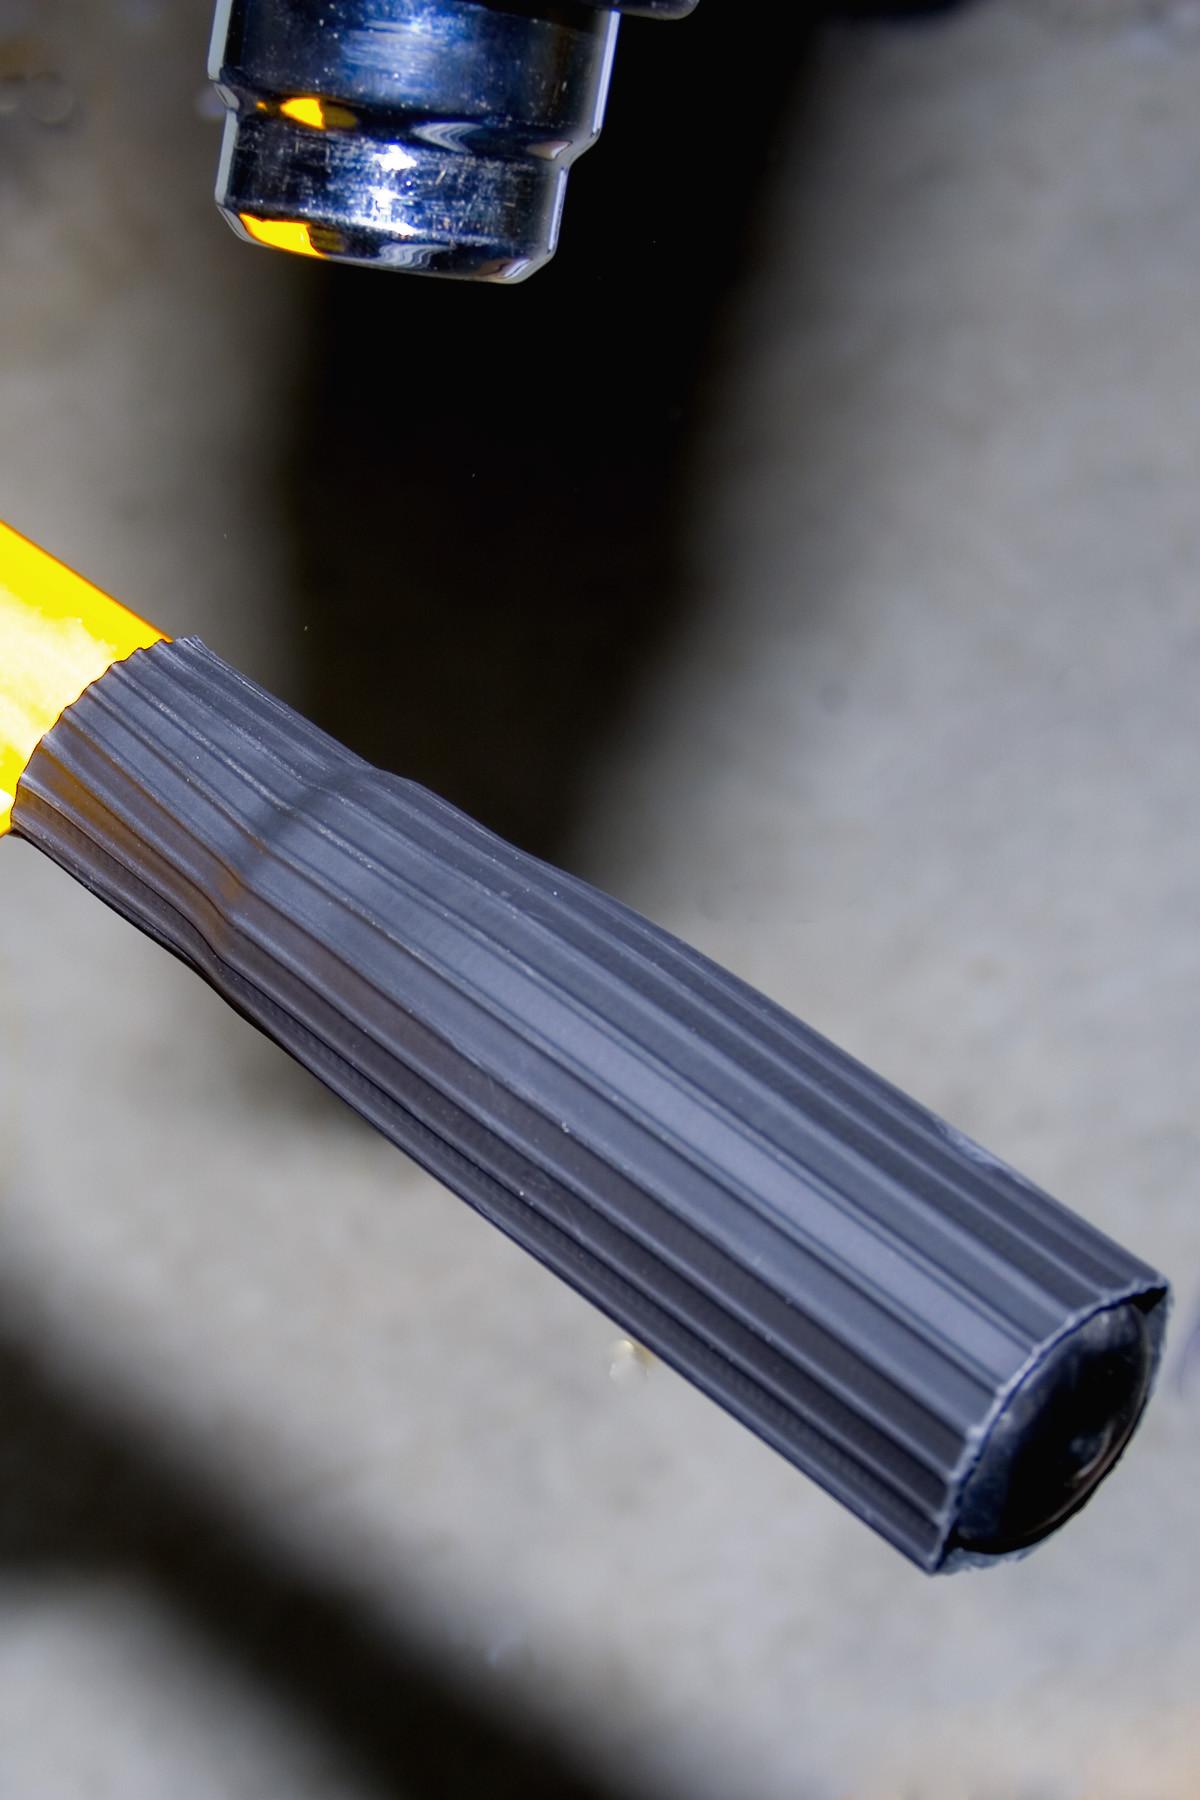 Hil-Grip Heat Shrink Black size 30.0mm I/D down to 15.0mm I/D